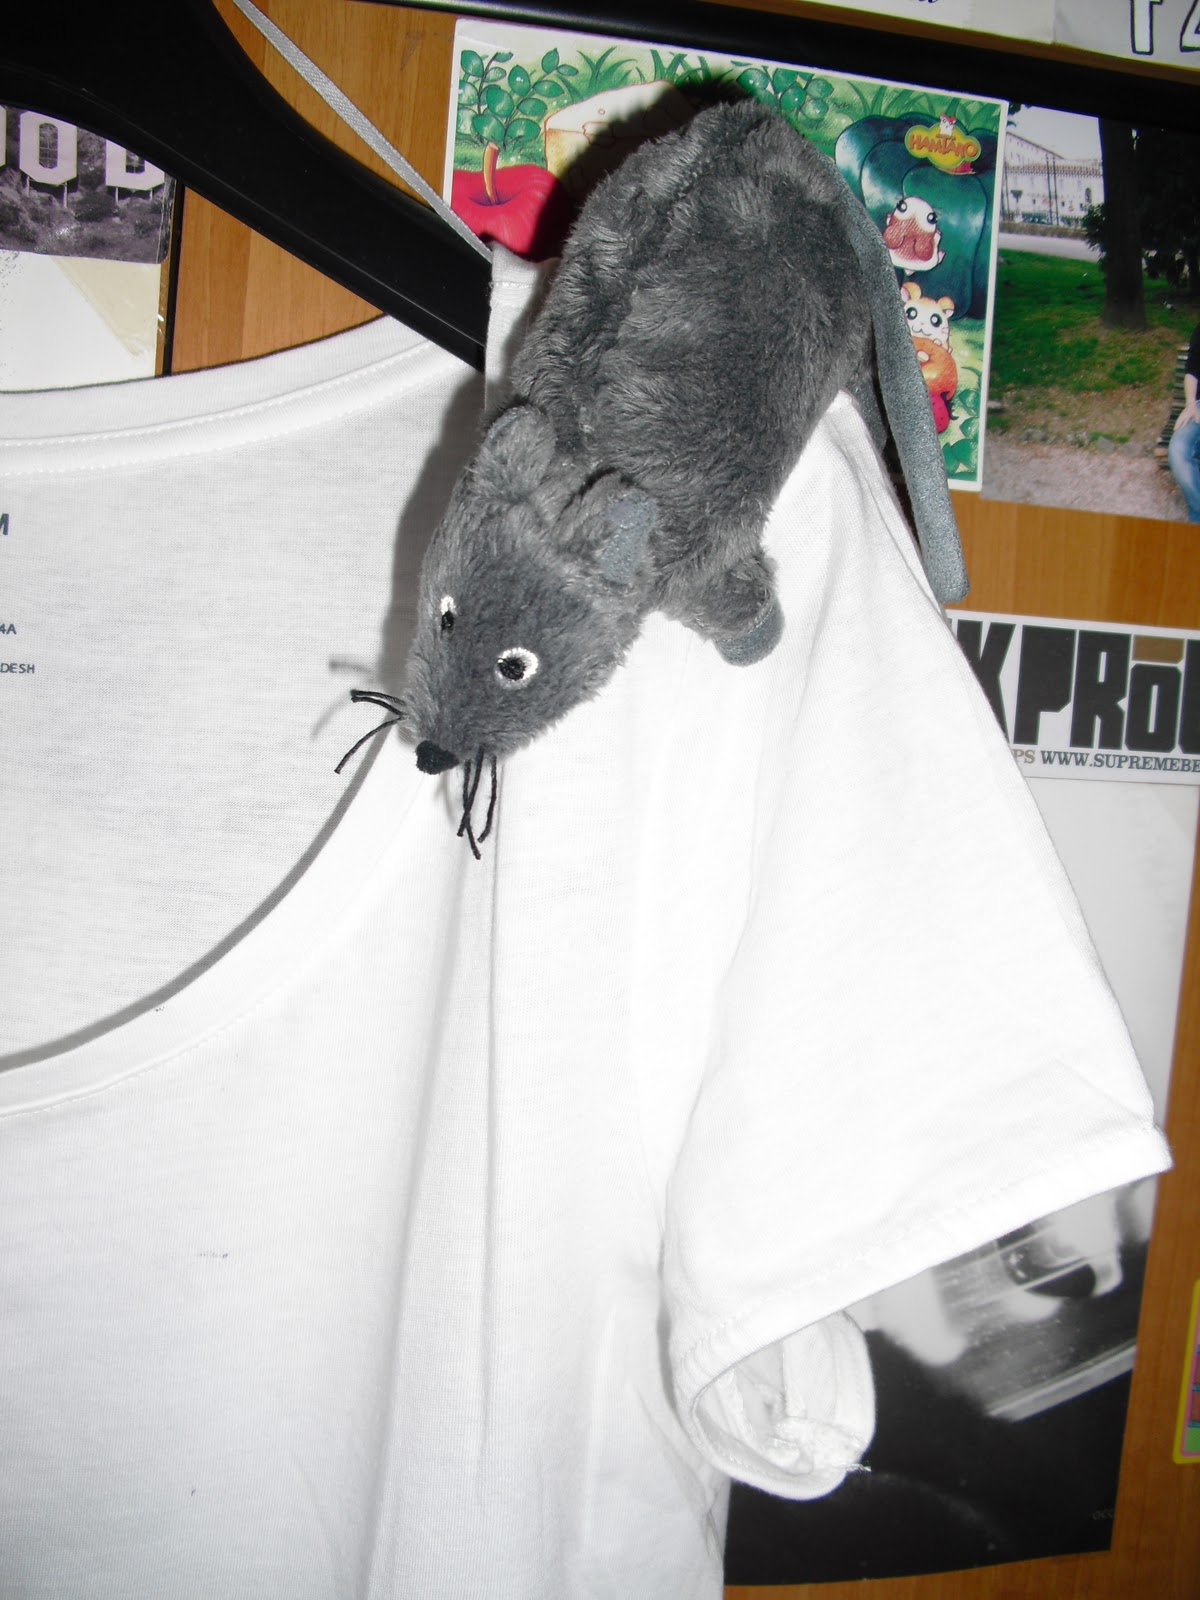 http://4.bp.blogspot.com/_e5o8Es11H5U/TNmhQYg5Y3I/AAAAAAAAAEM/6M7pGzHcaLw/s1600/t-shirt+015.2.jpg